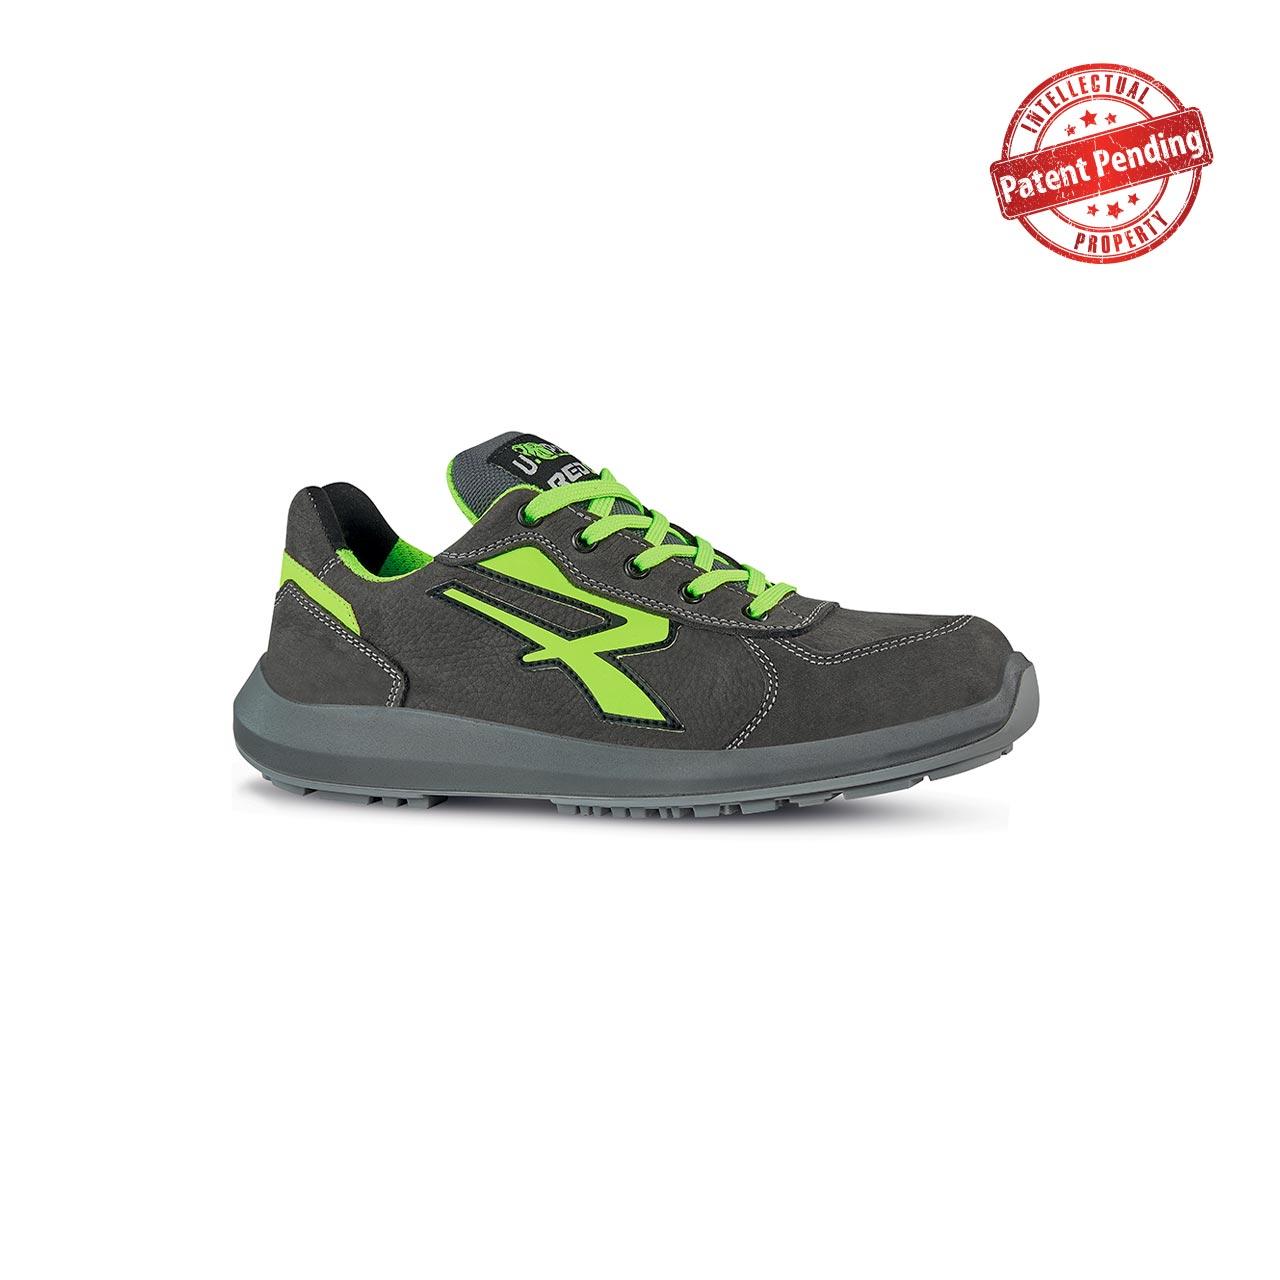 scarpa antinfortunistica upower modello hydra linea redup vista laterale